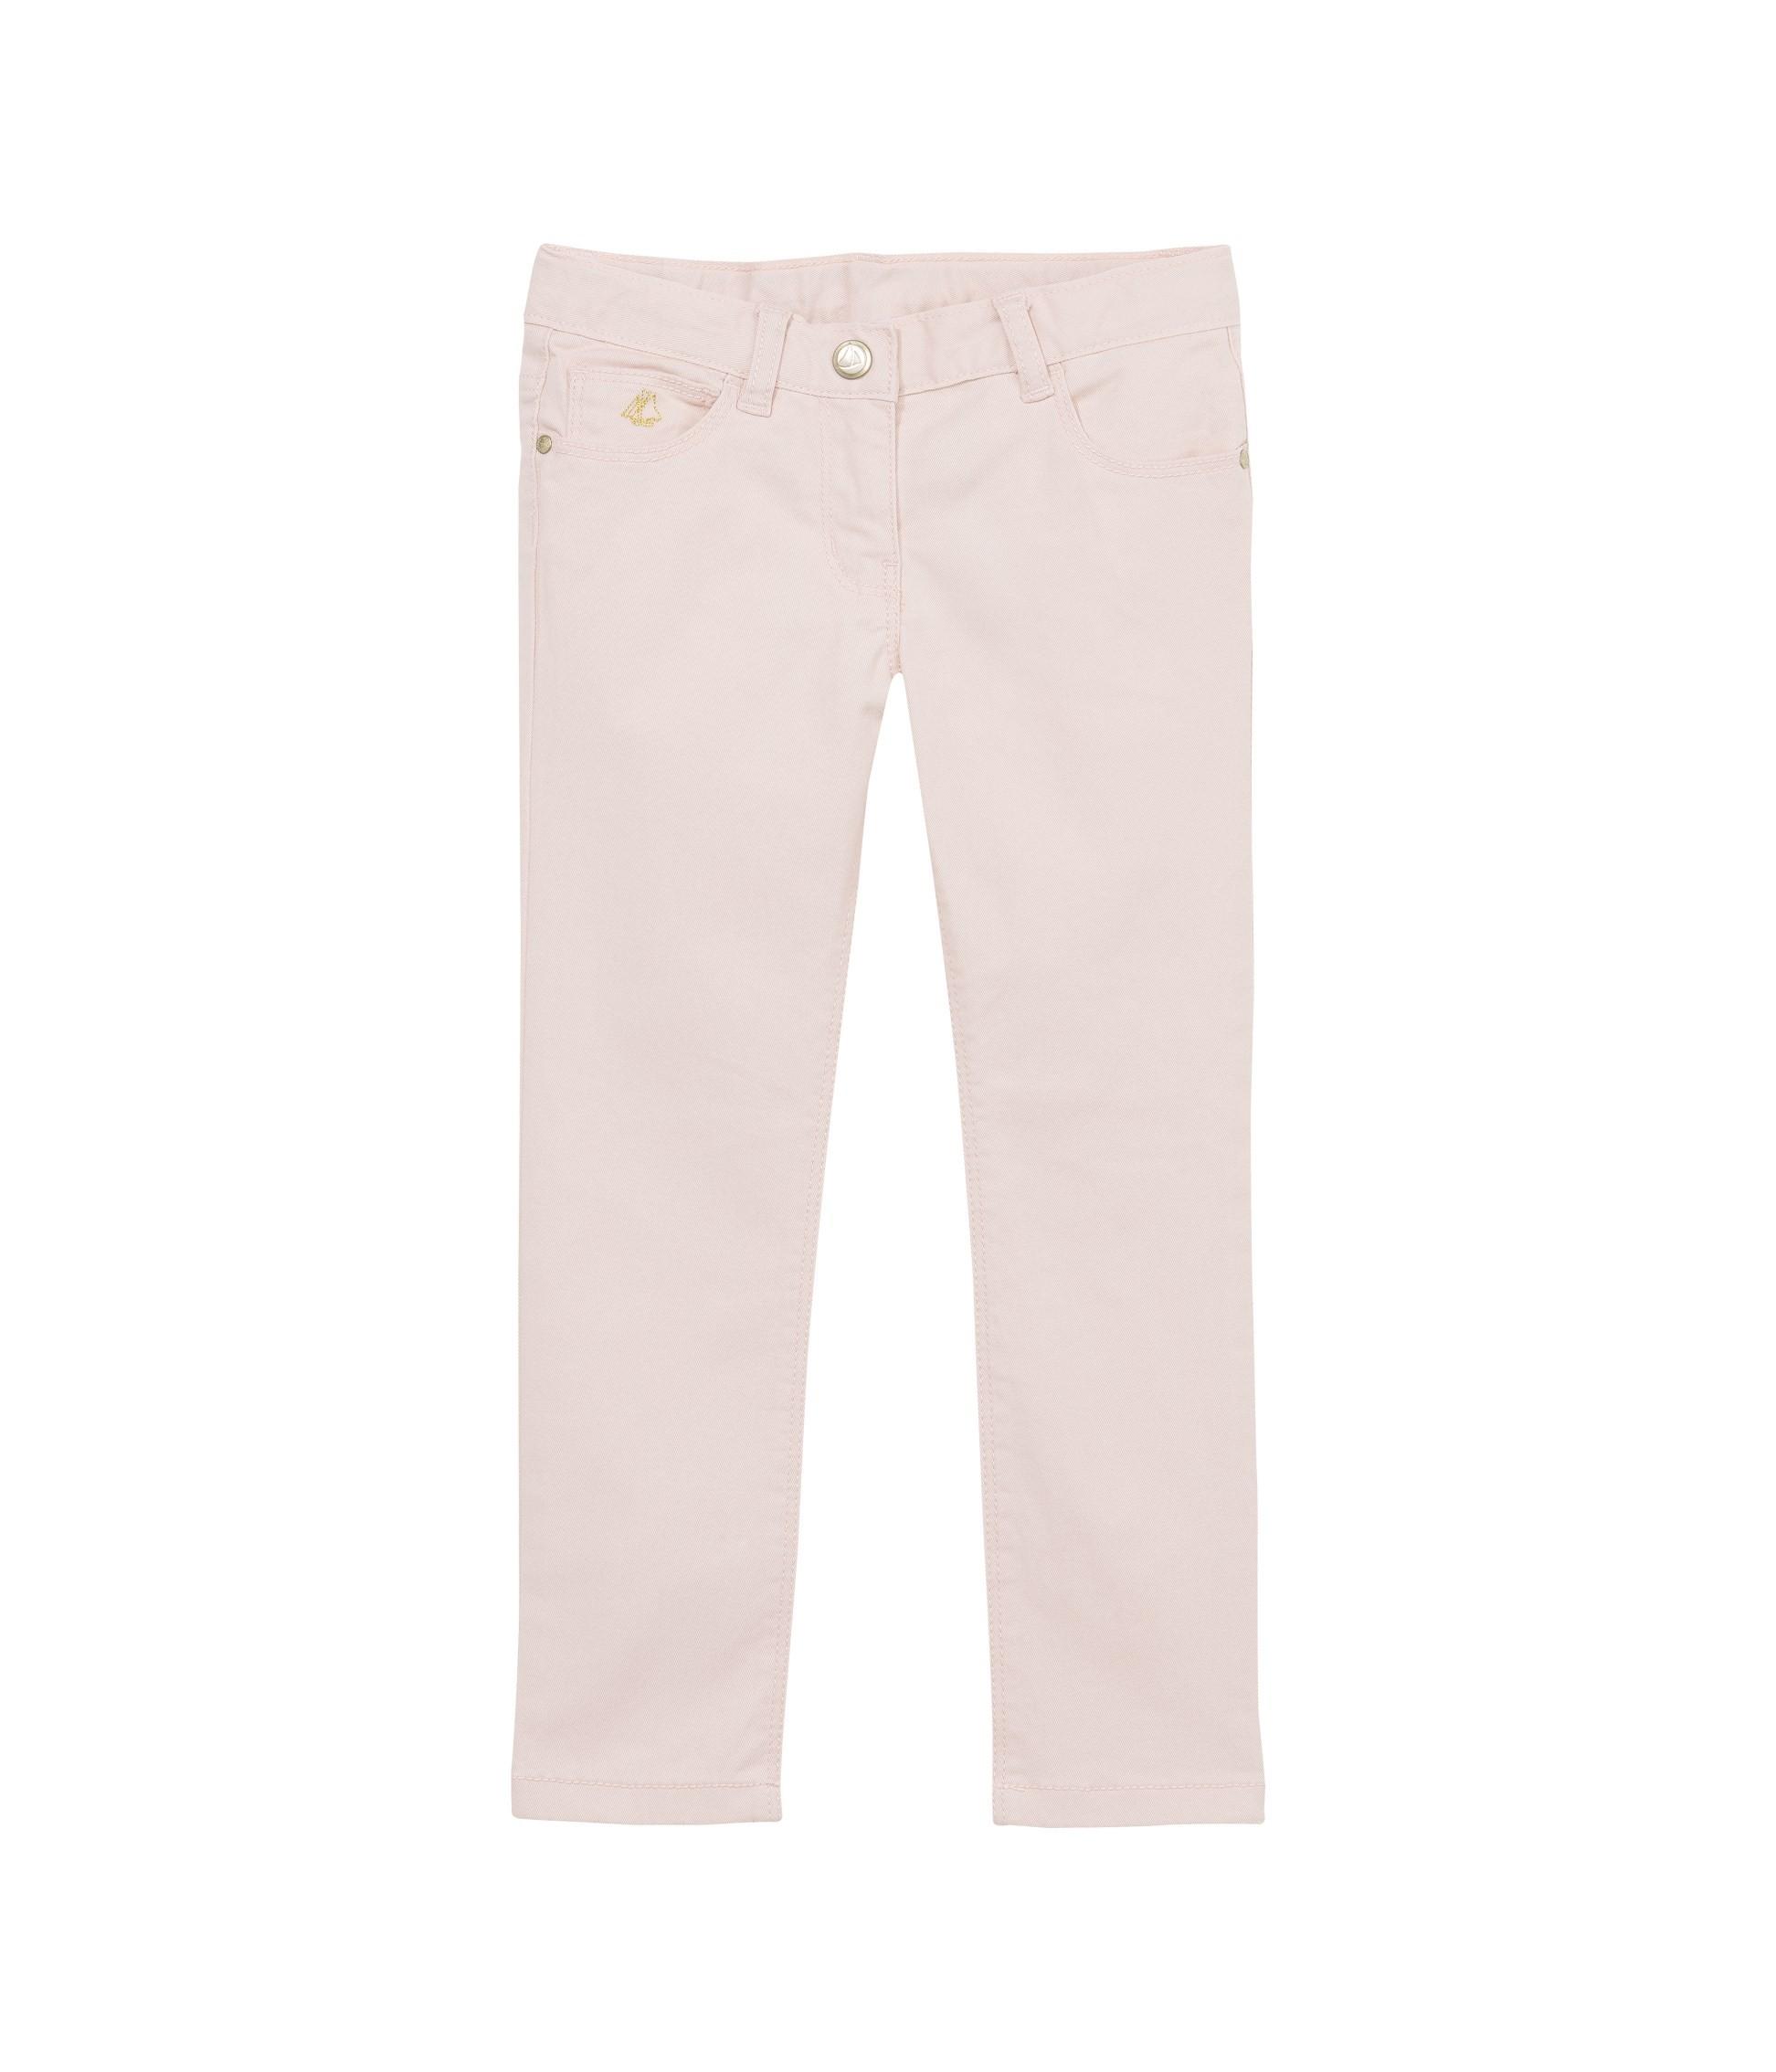 Παντελόνι καμπαρντίνα σε στενή γραμμή για κορίτσι - petit-bateau.gr 977ddb7a18d